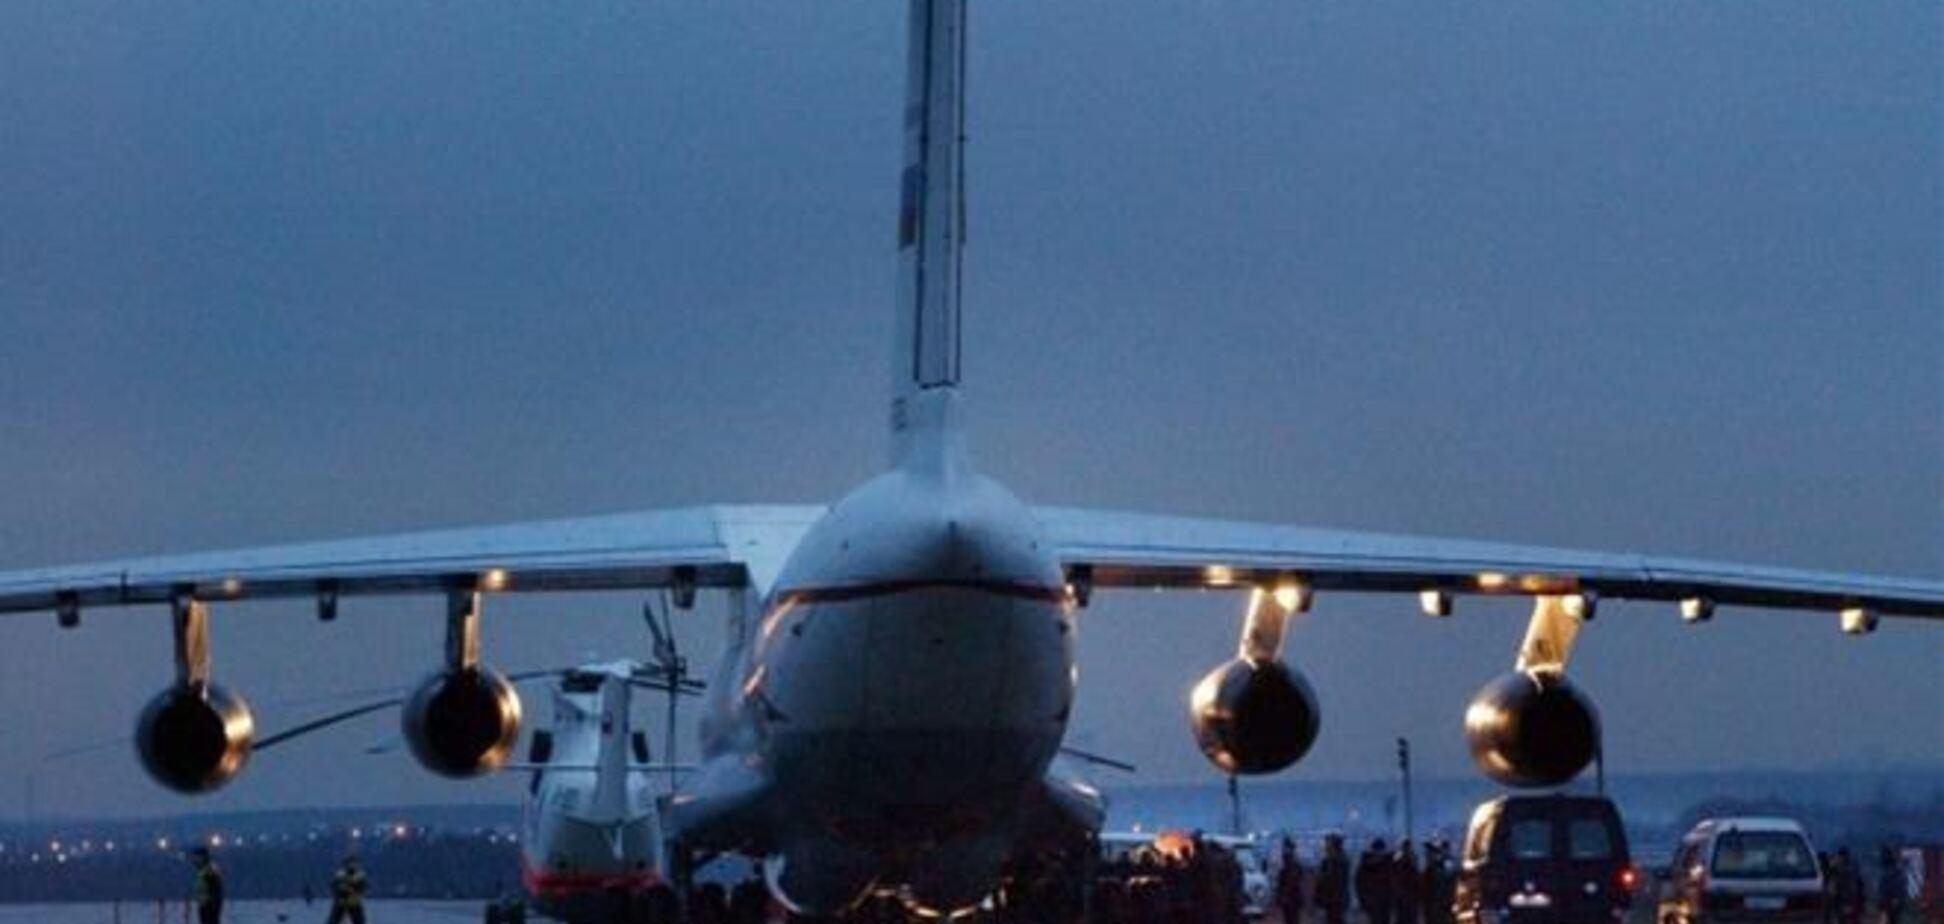 Постраждалих під час теракту у Волгограді доставили в Москву